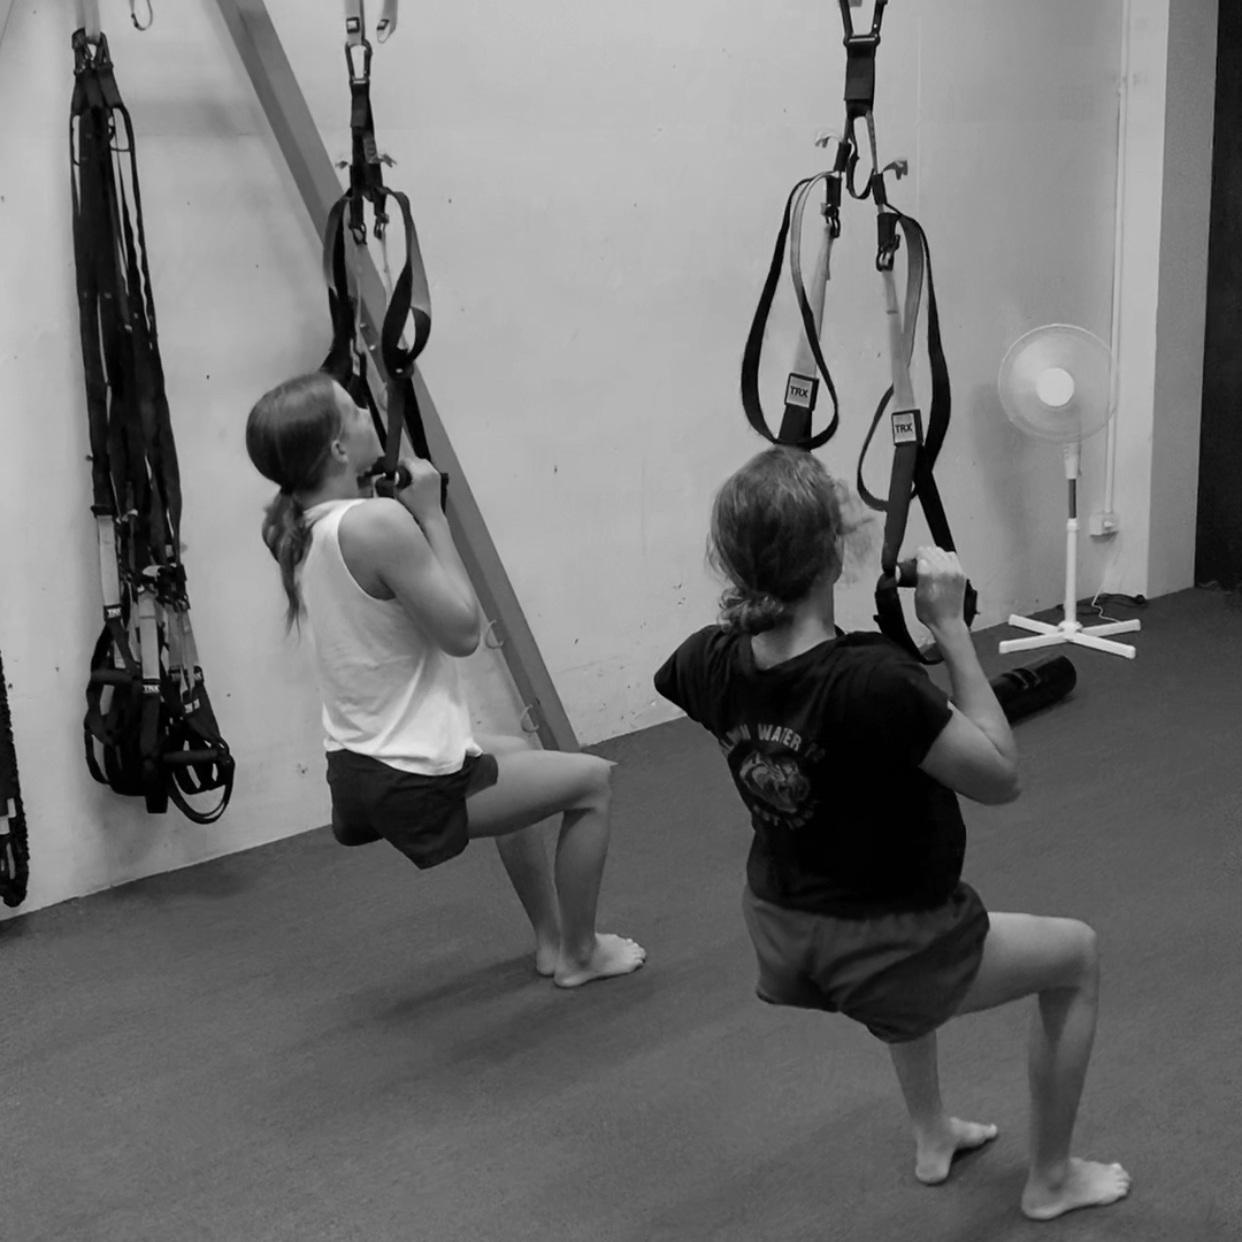 youth athletes training